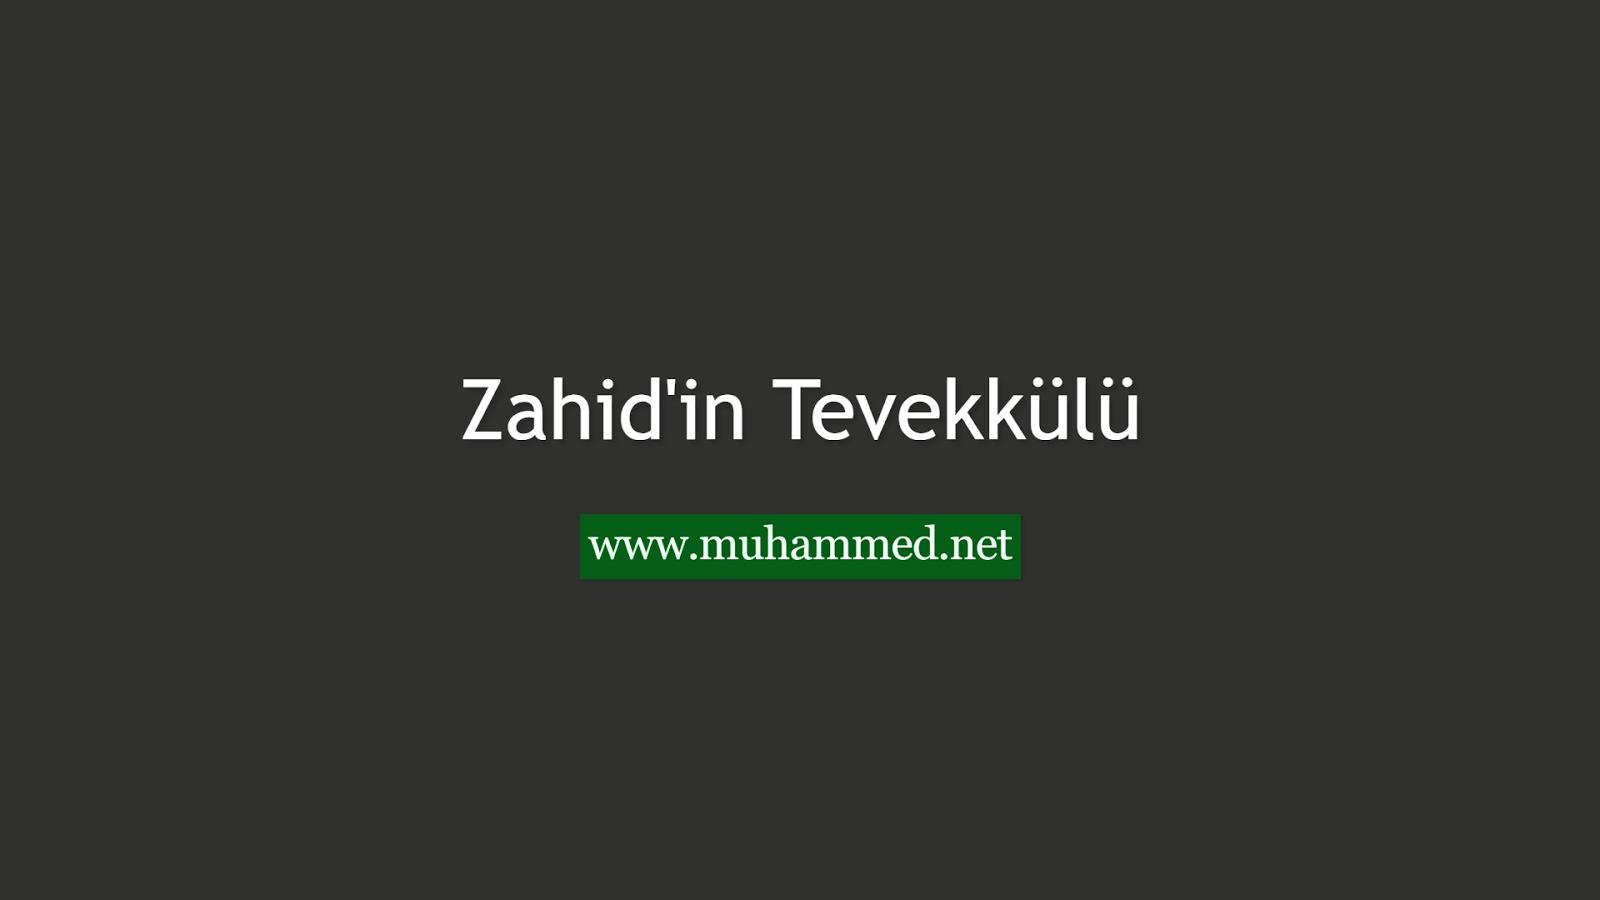 Zahid'in Tevekkülü